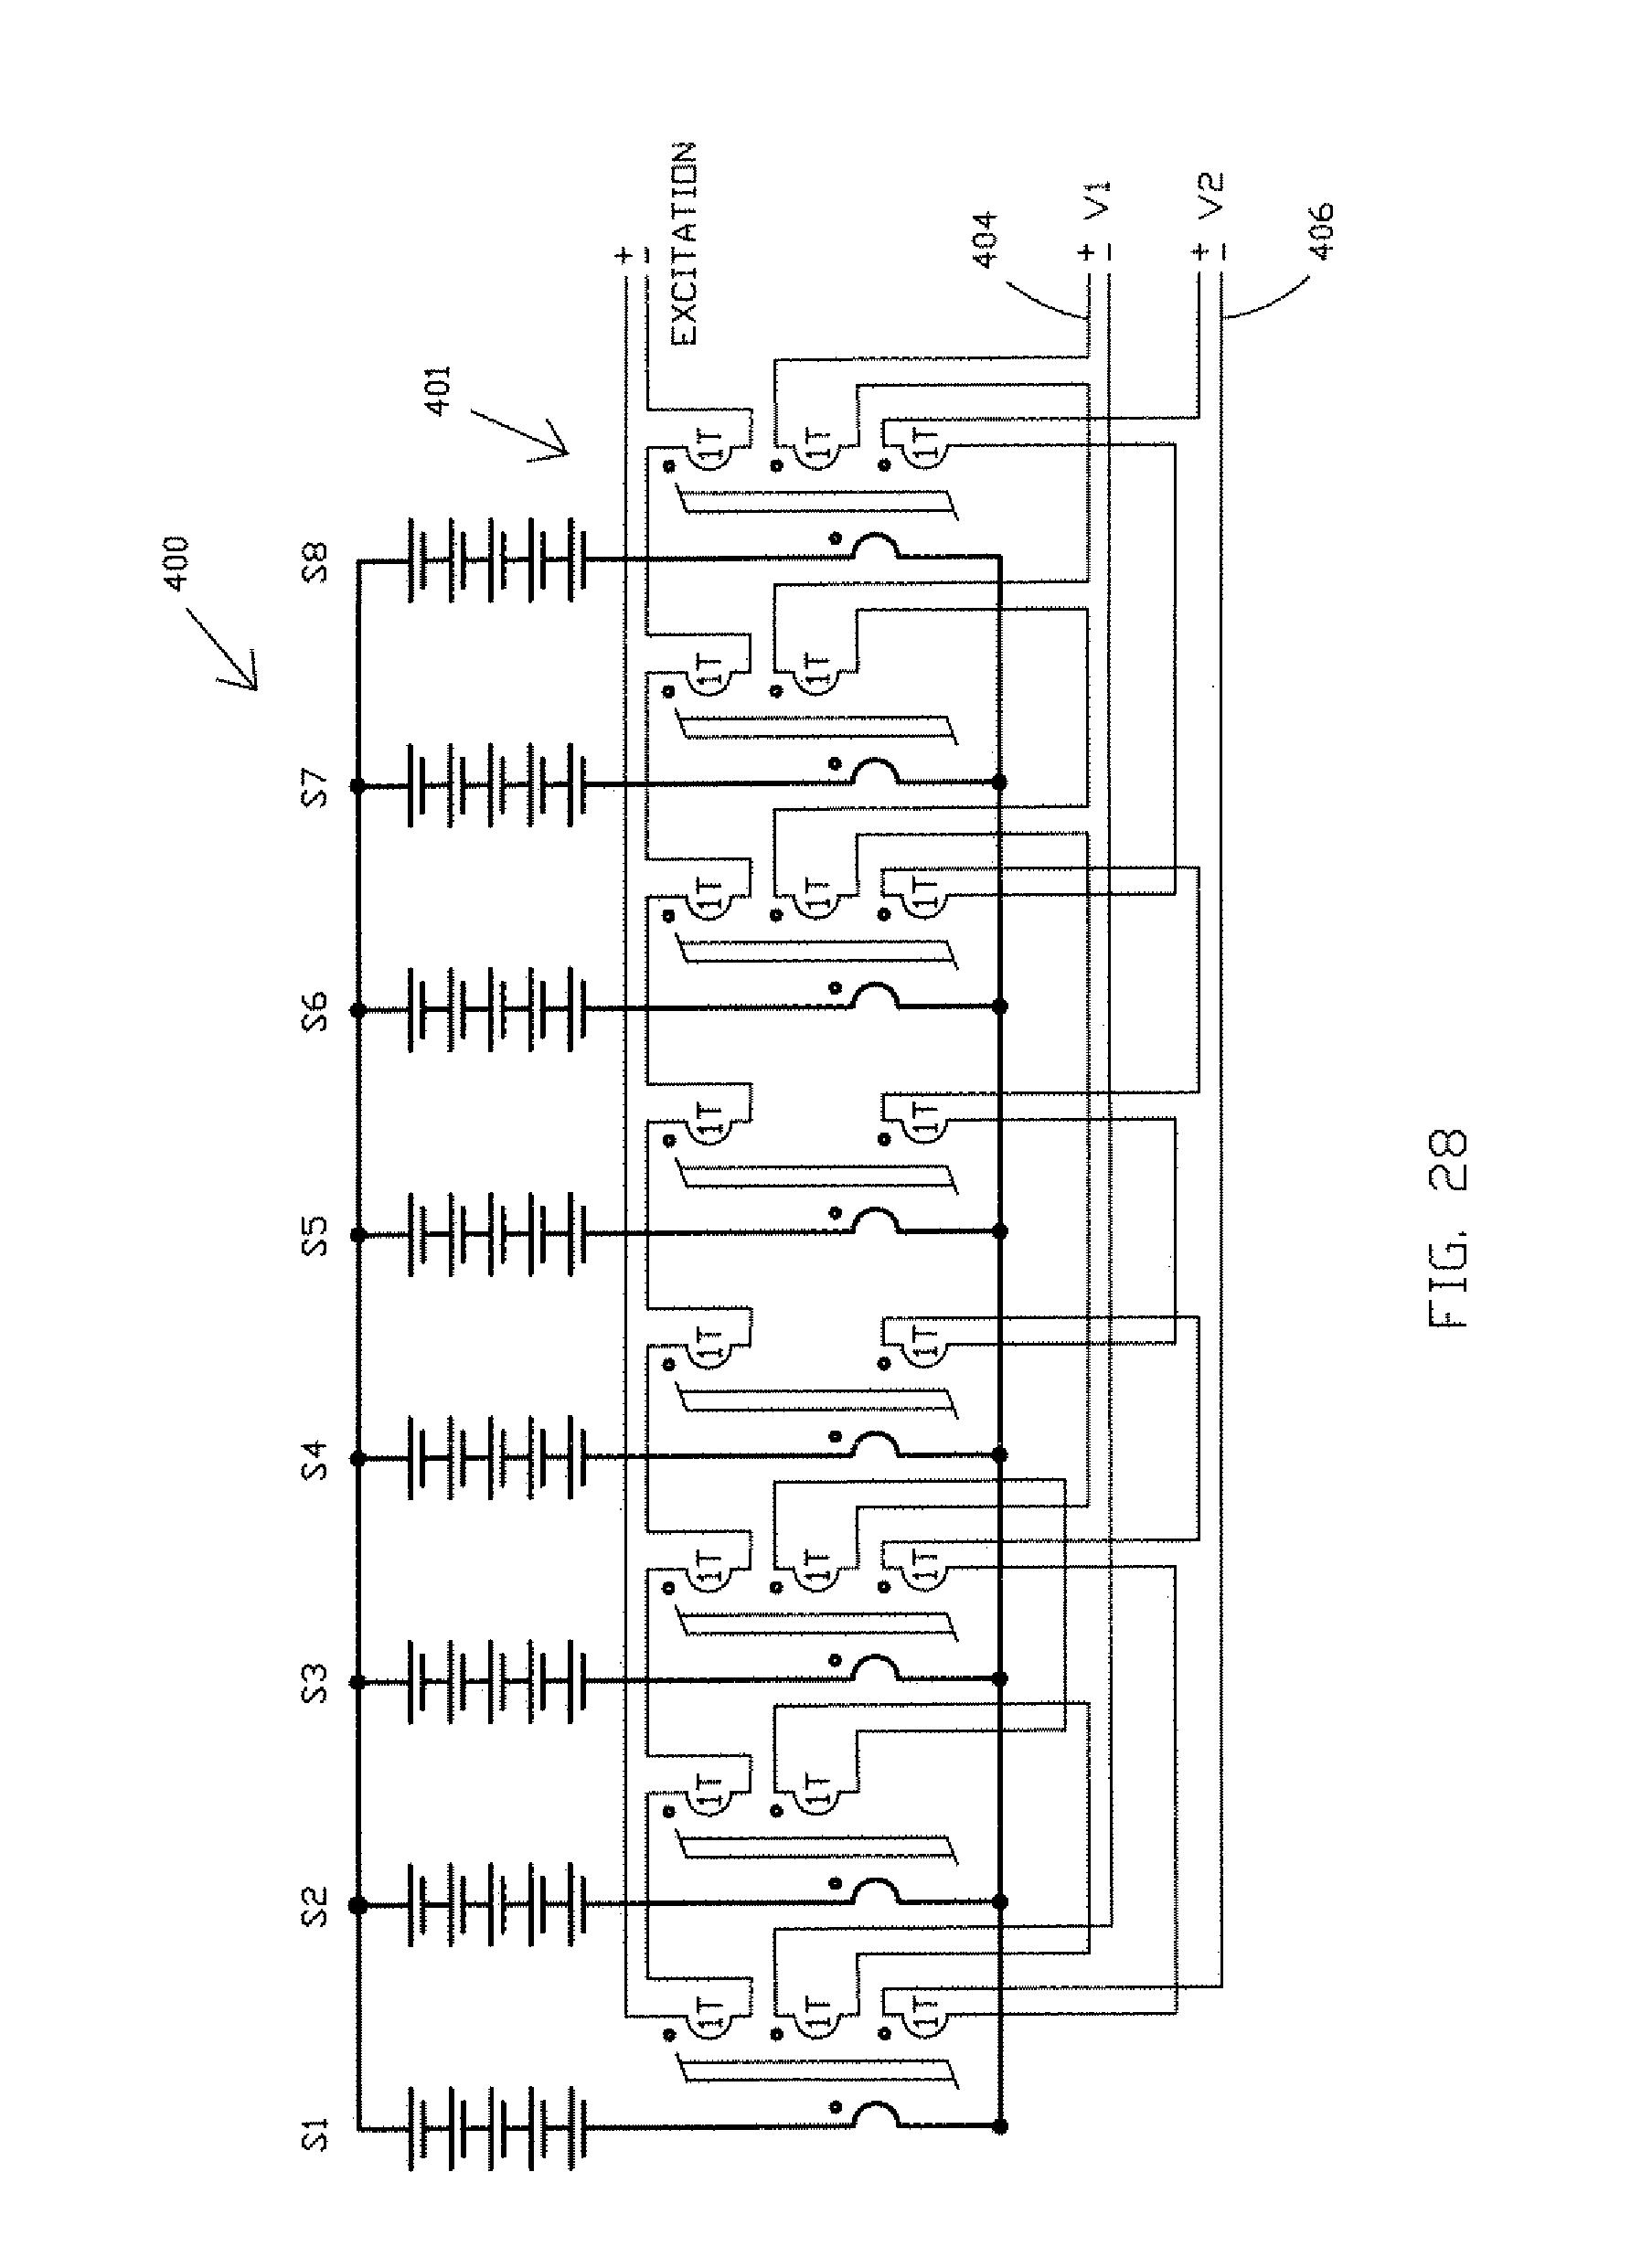 Ae86 Ecu Wiring Diagram Efcaviationcom Scooter Carb Wiring